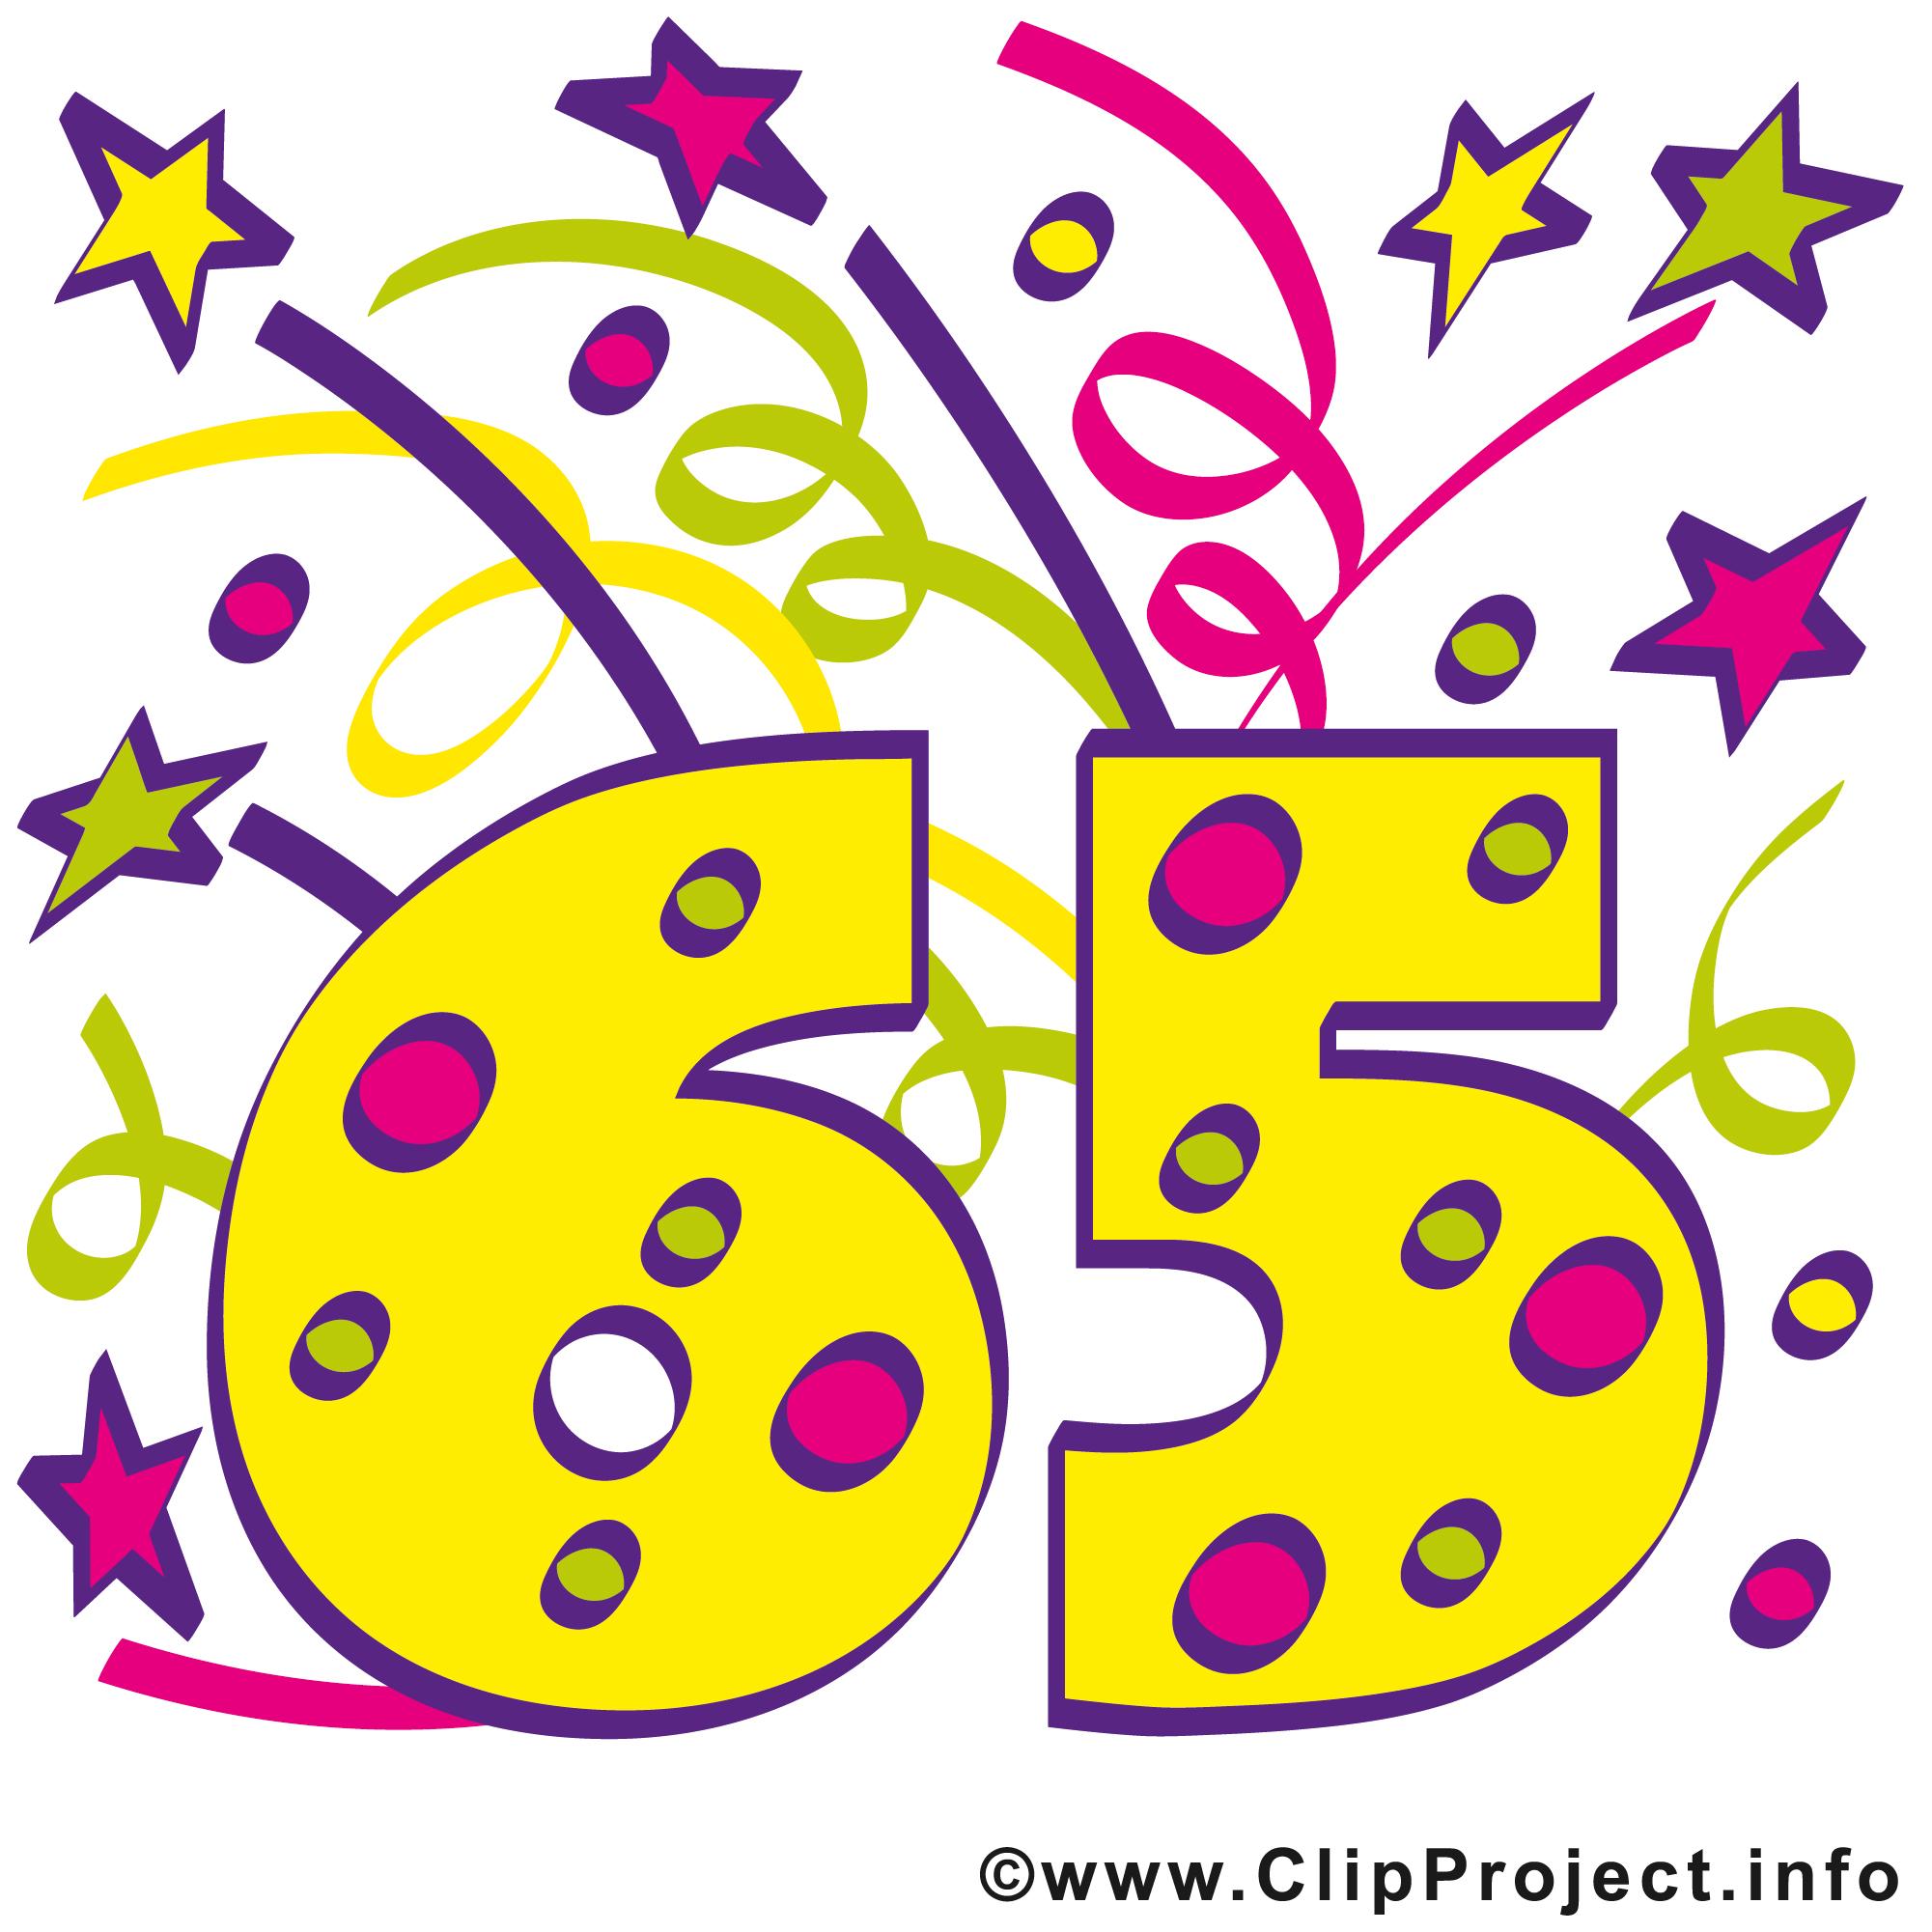 Clip art geburtstag einladung graphic library stock 65 Geburtstag Clipart graphic library stock